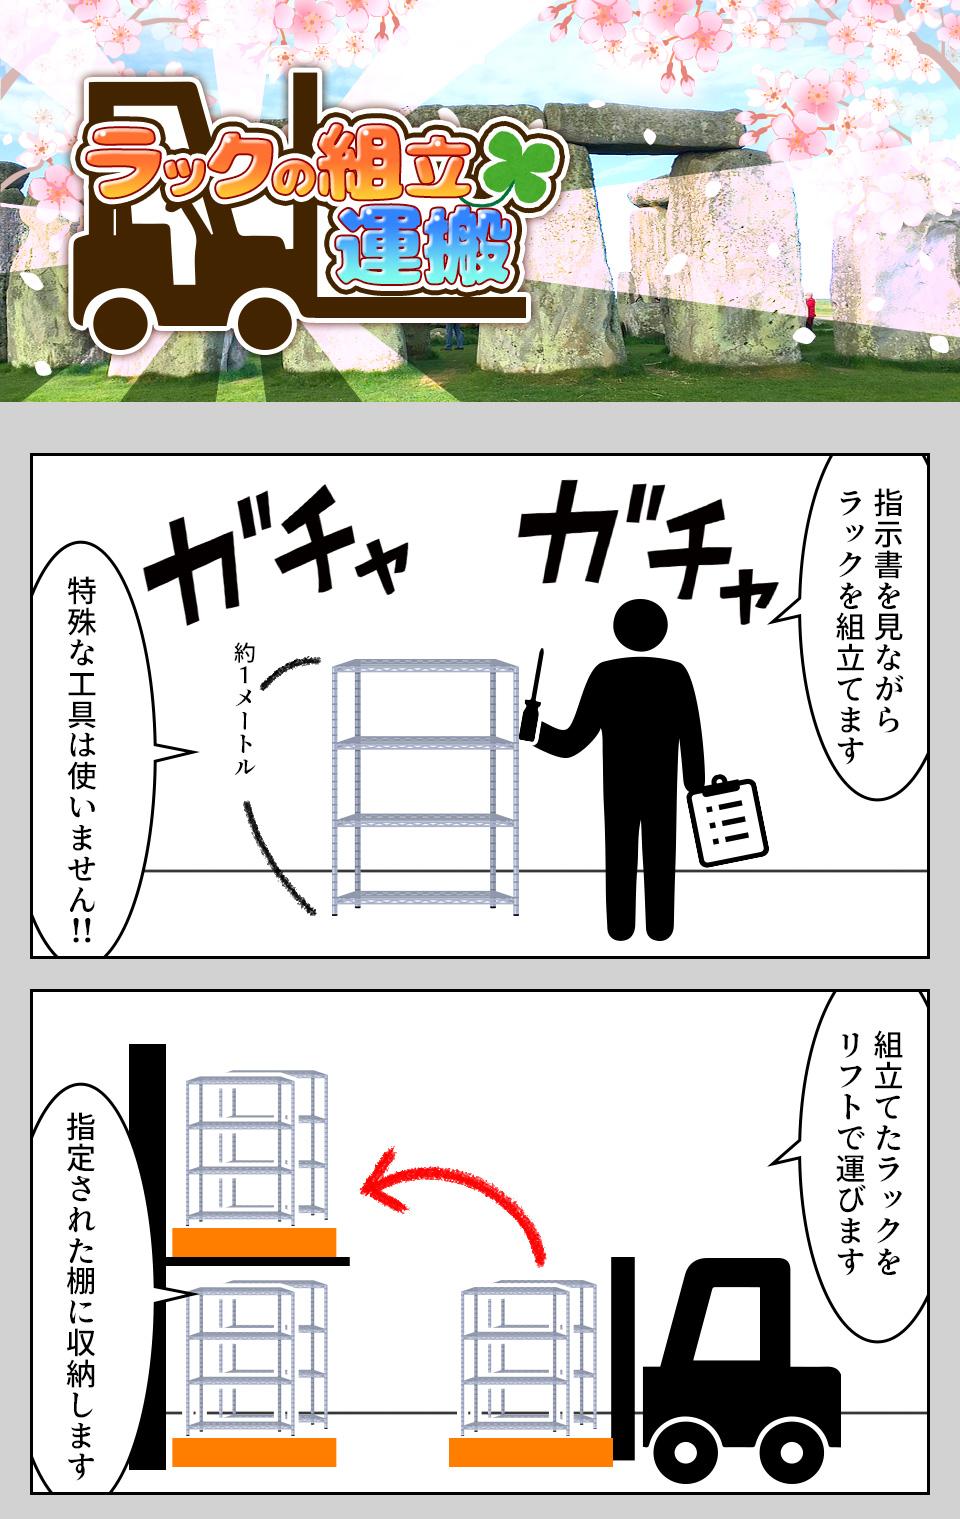 ピッキング+リフト作業 石川県白山市の派遣社員求人